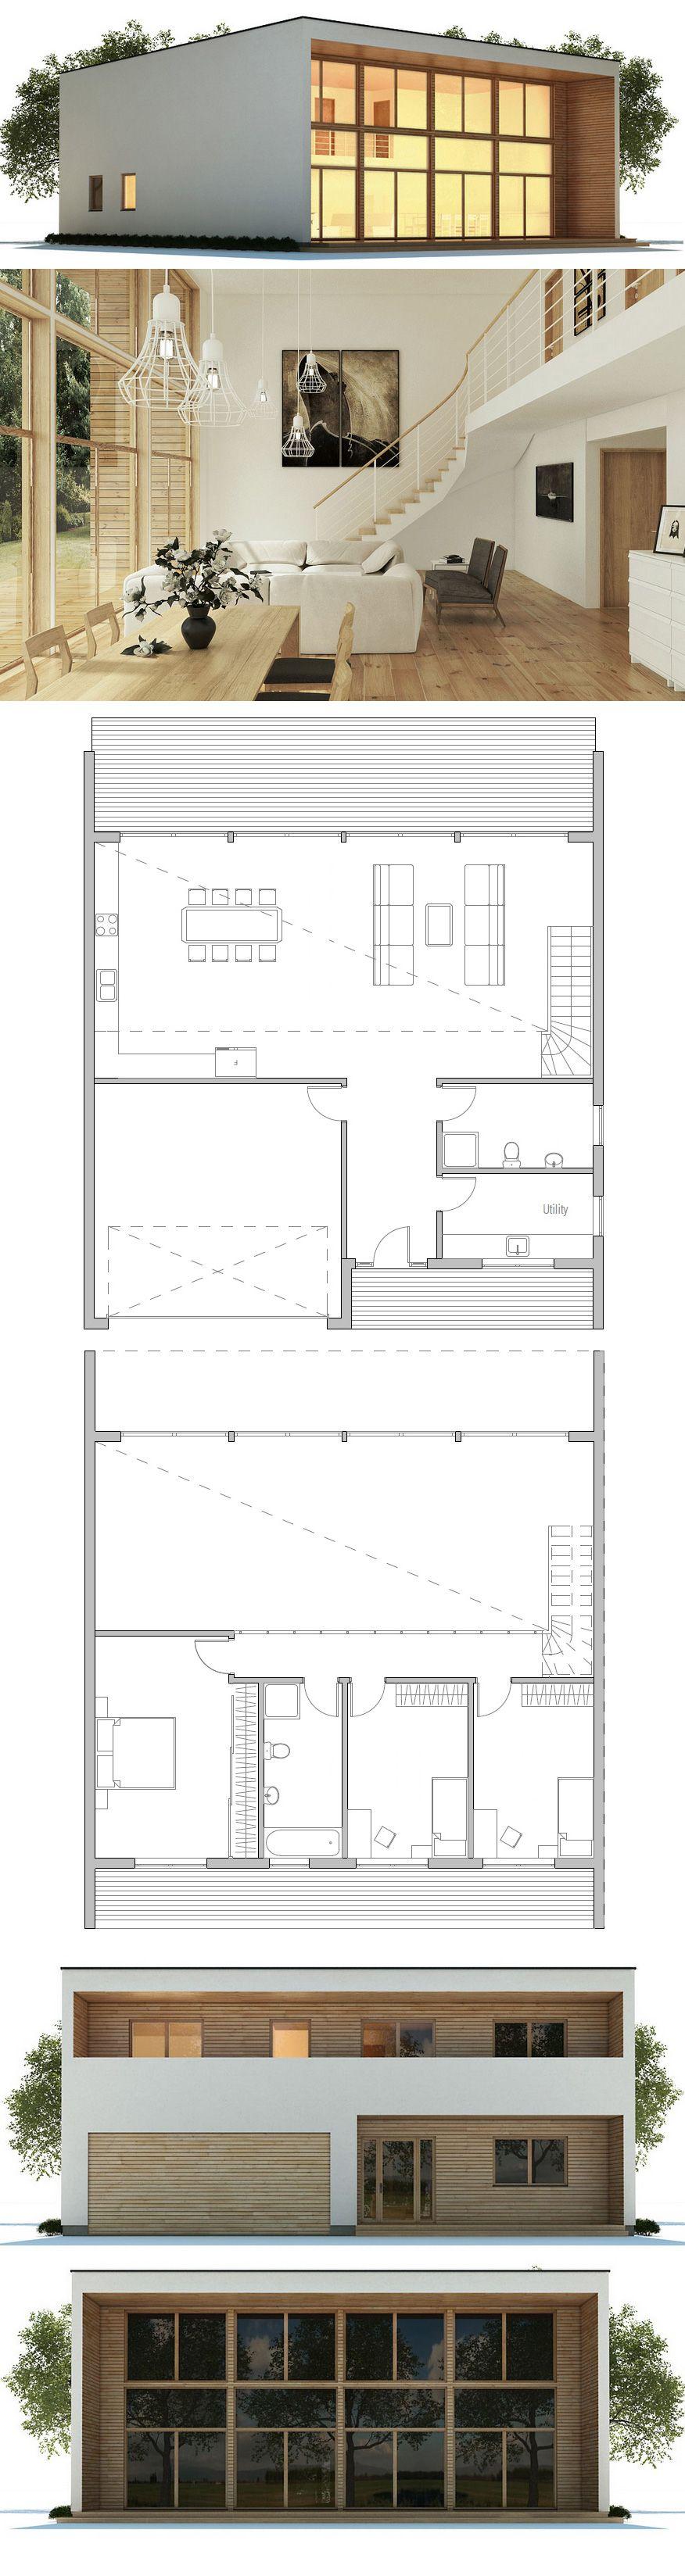 ^ 1000+ images about rchitektur on Pinterest House plans, Haus ...